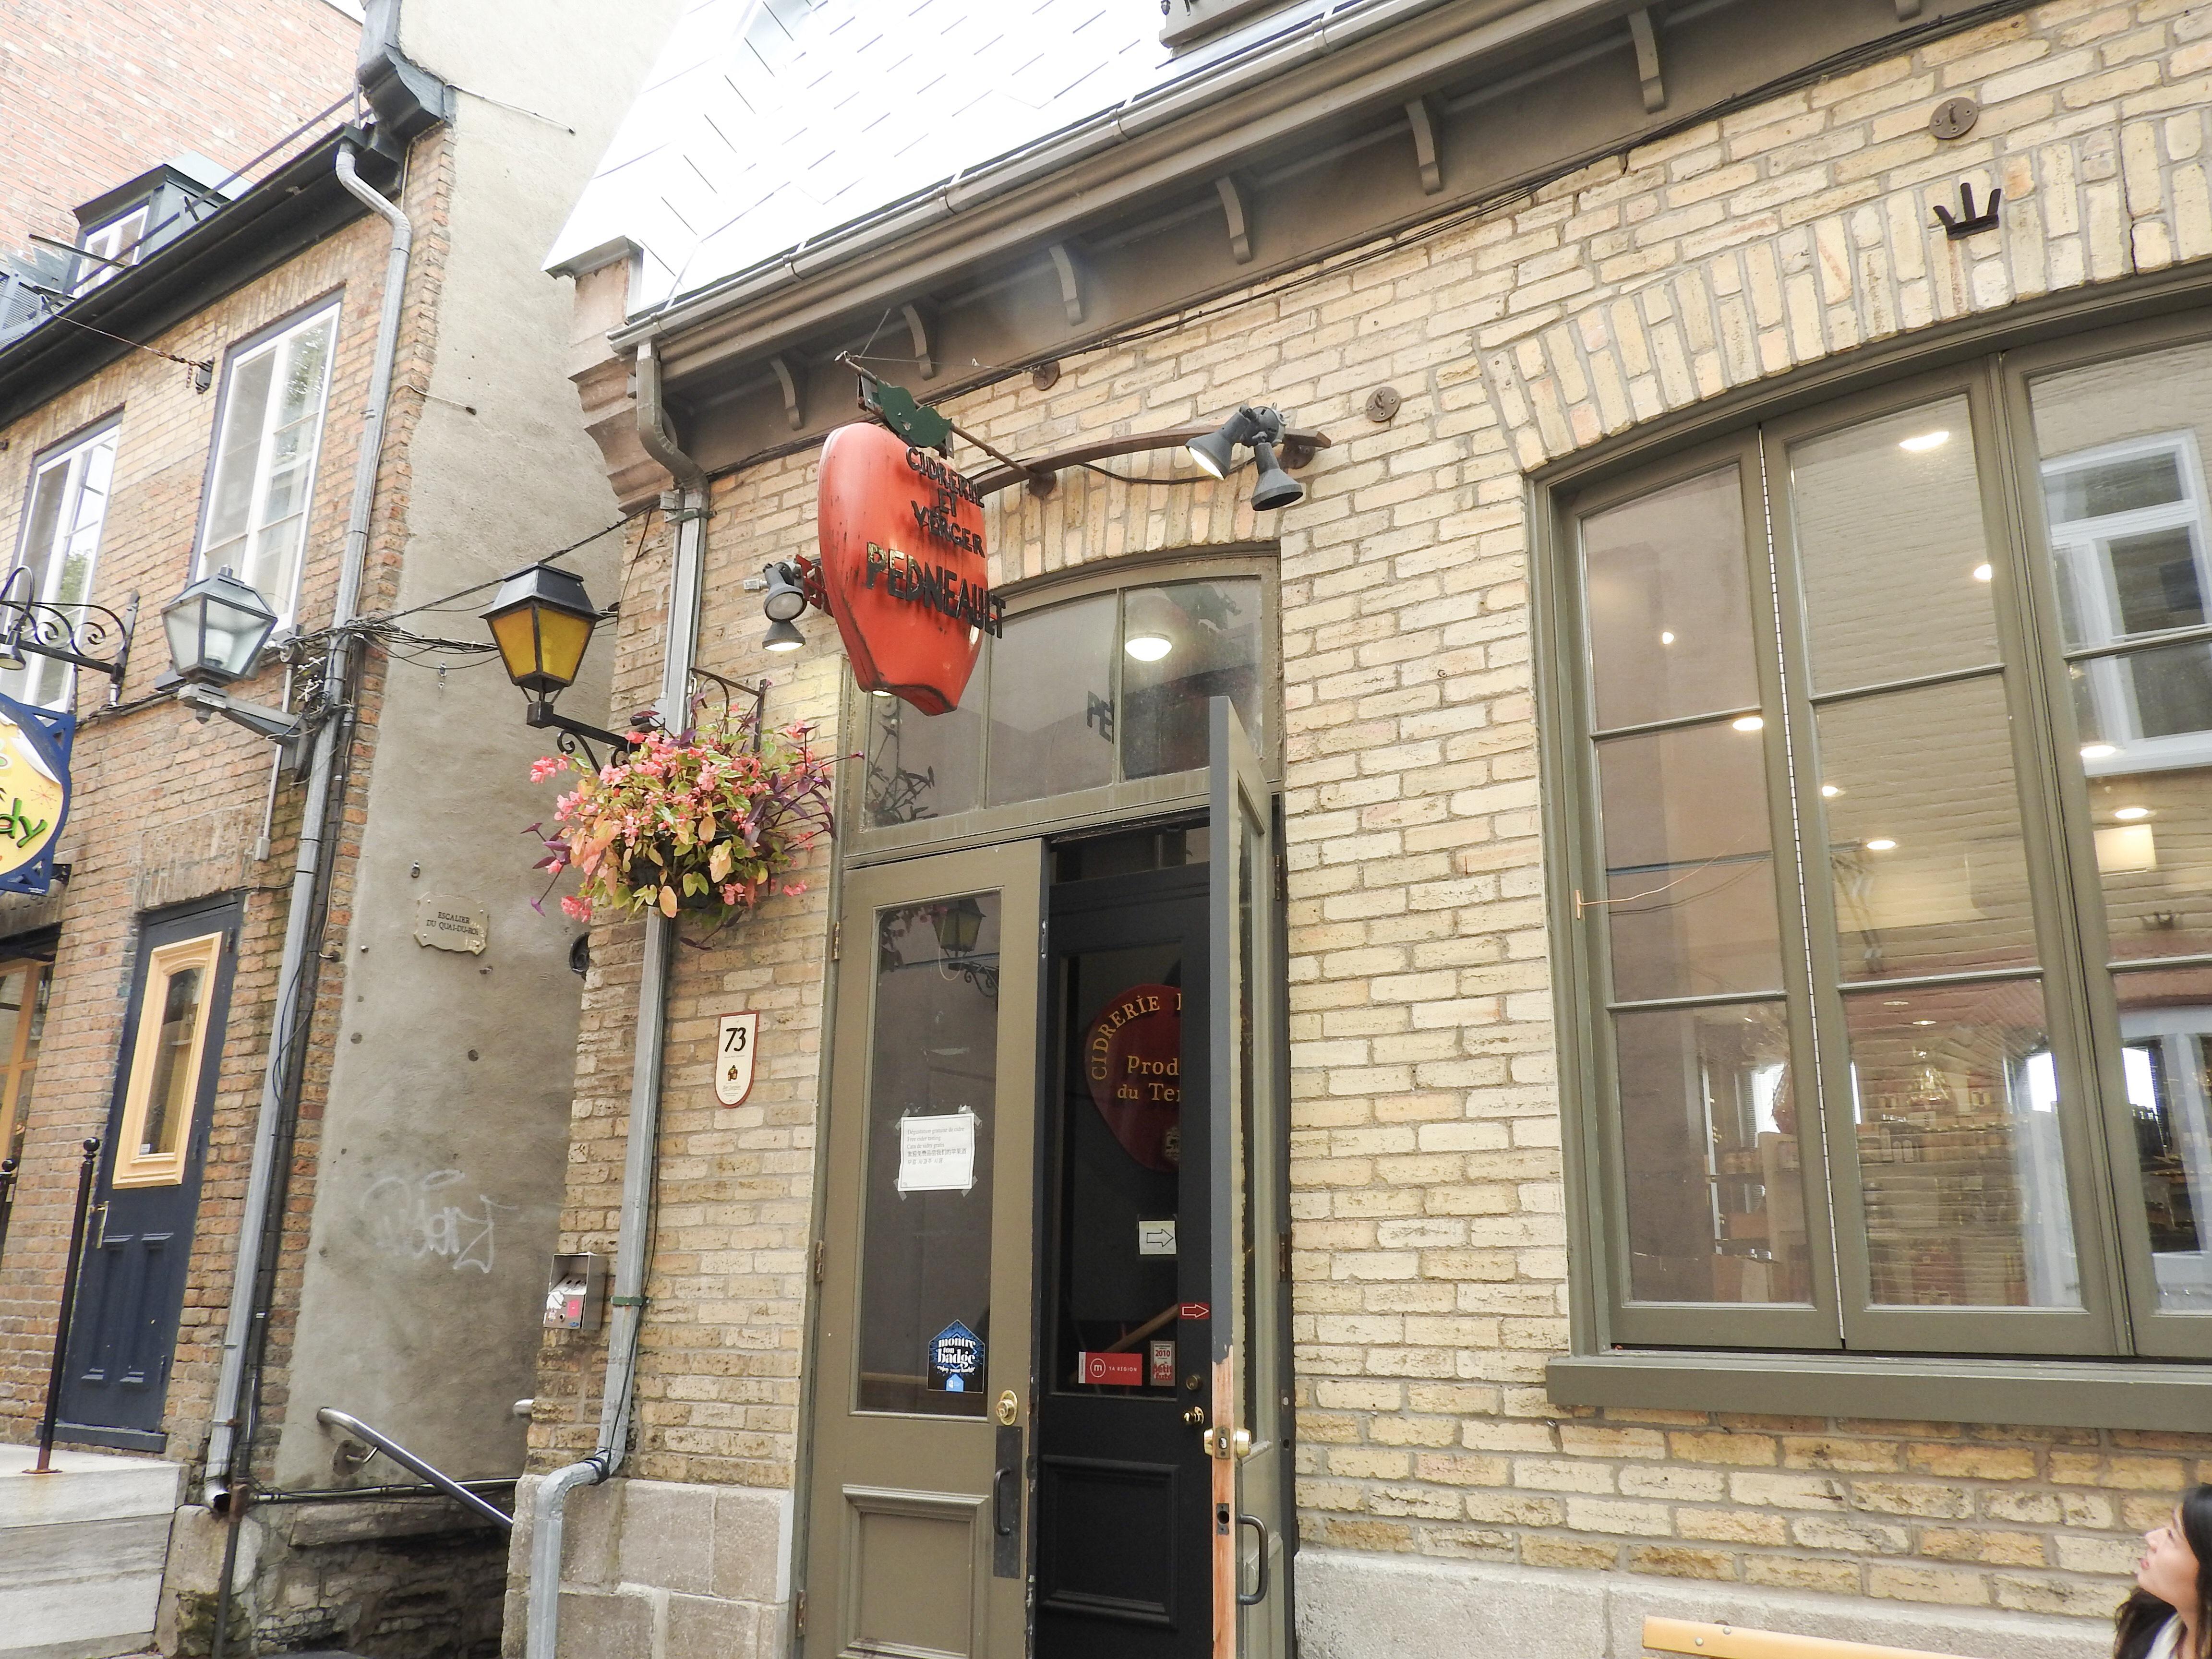 ケベックシティ観光 プチ・シャンプラン通りおすすめりんごアイスワンの店